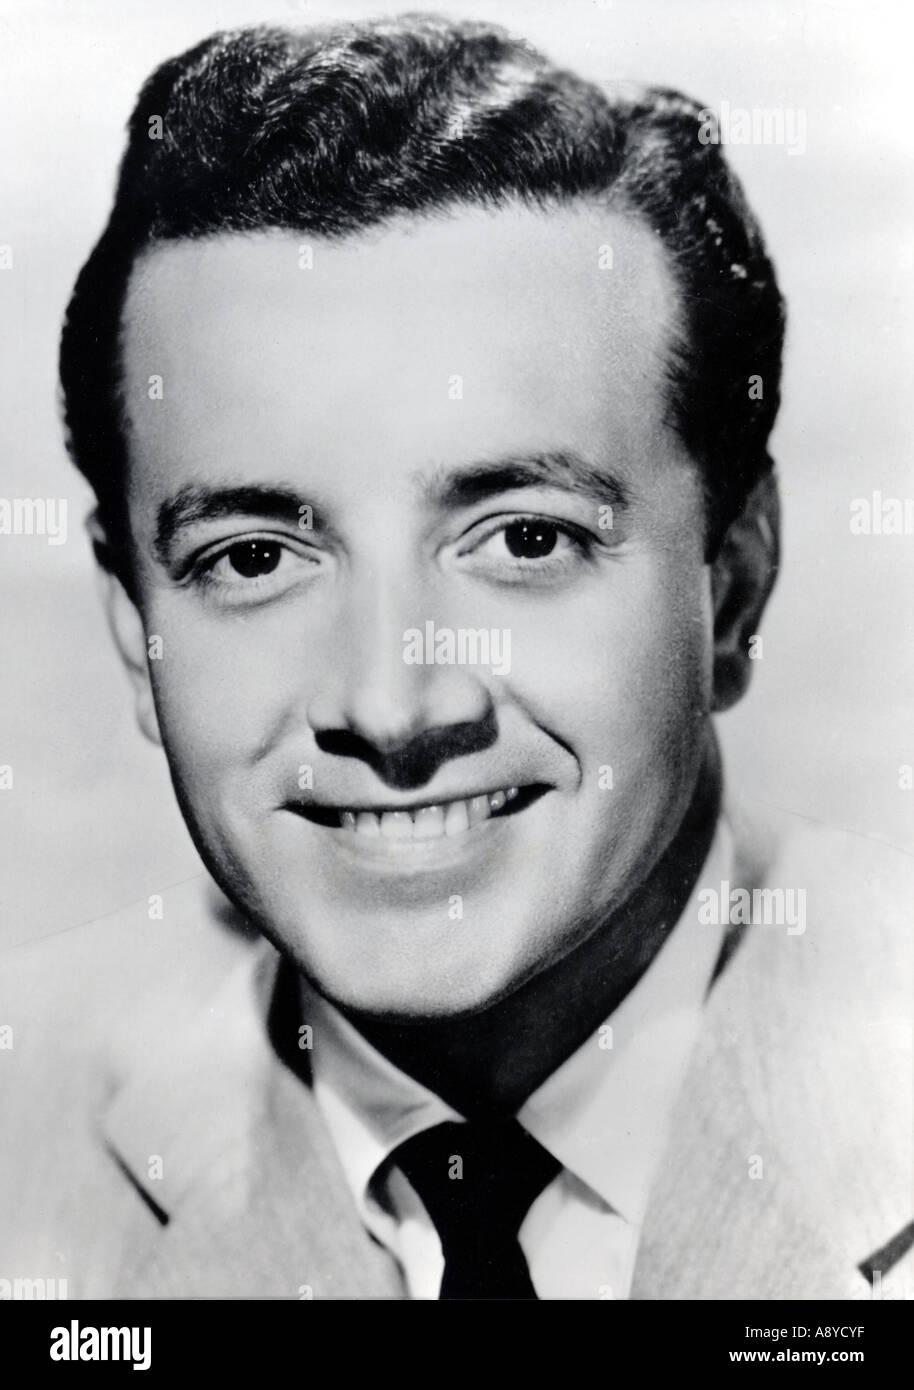 VIC DAMONE US singer - Stock Image